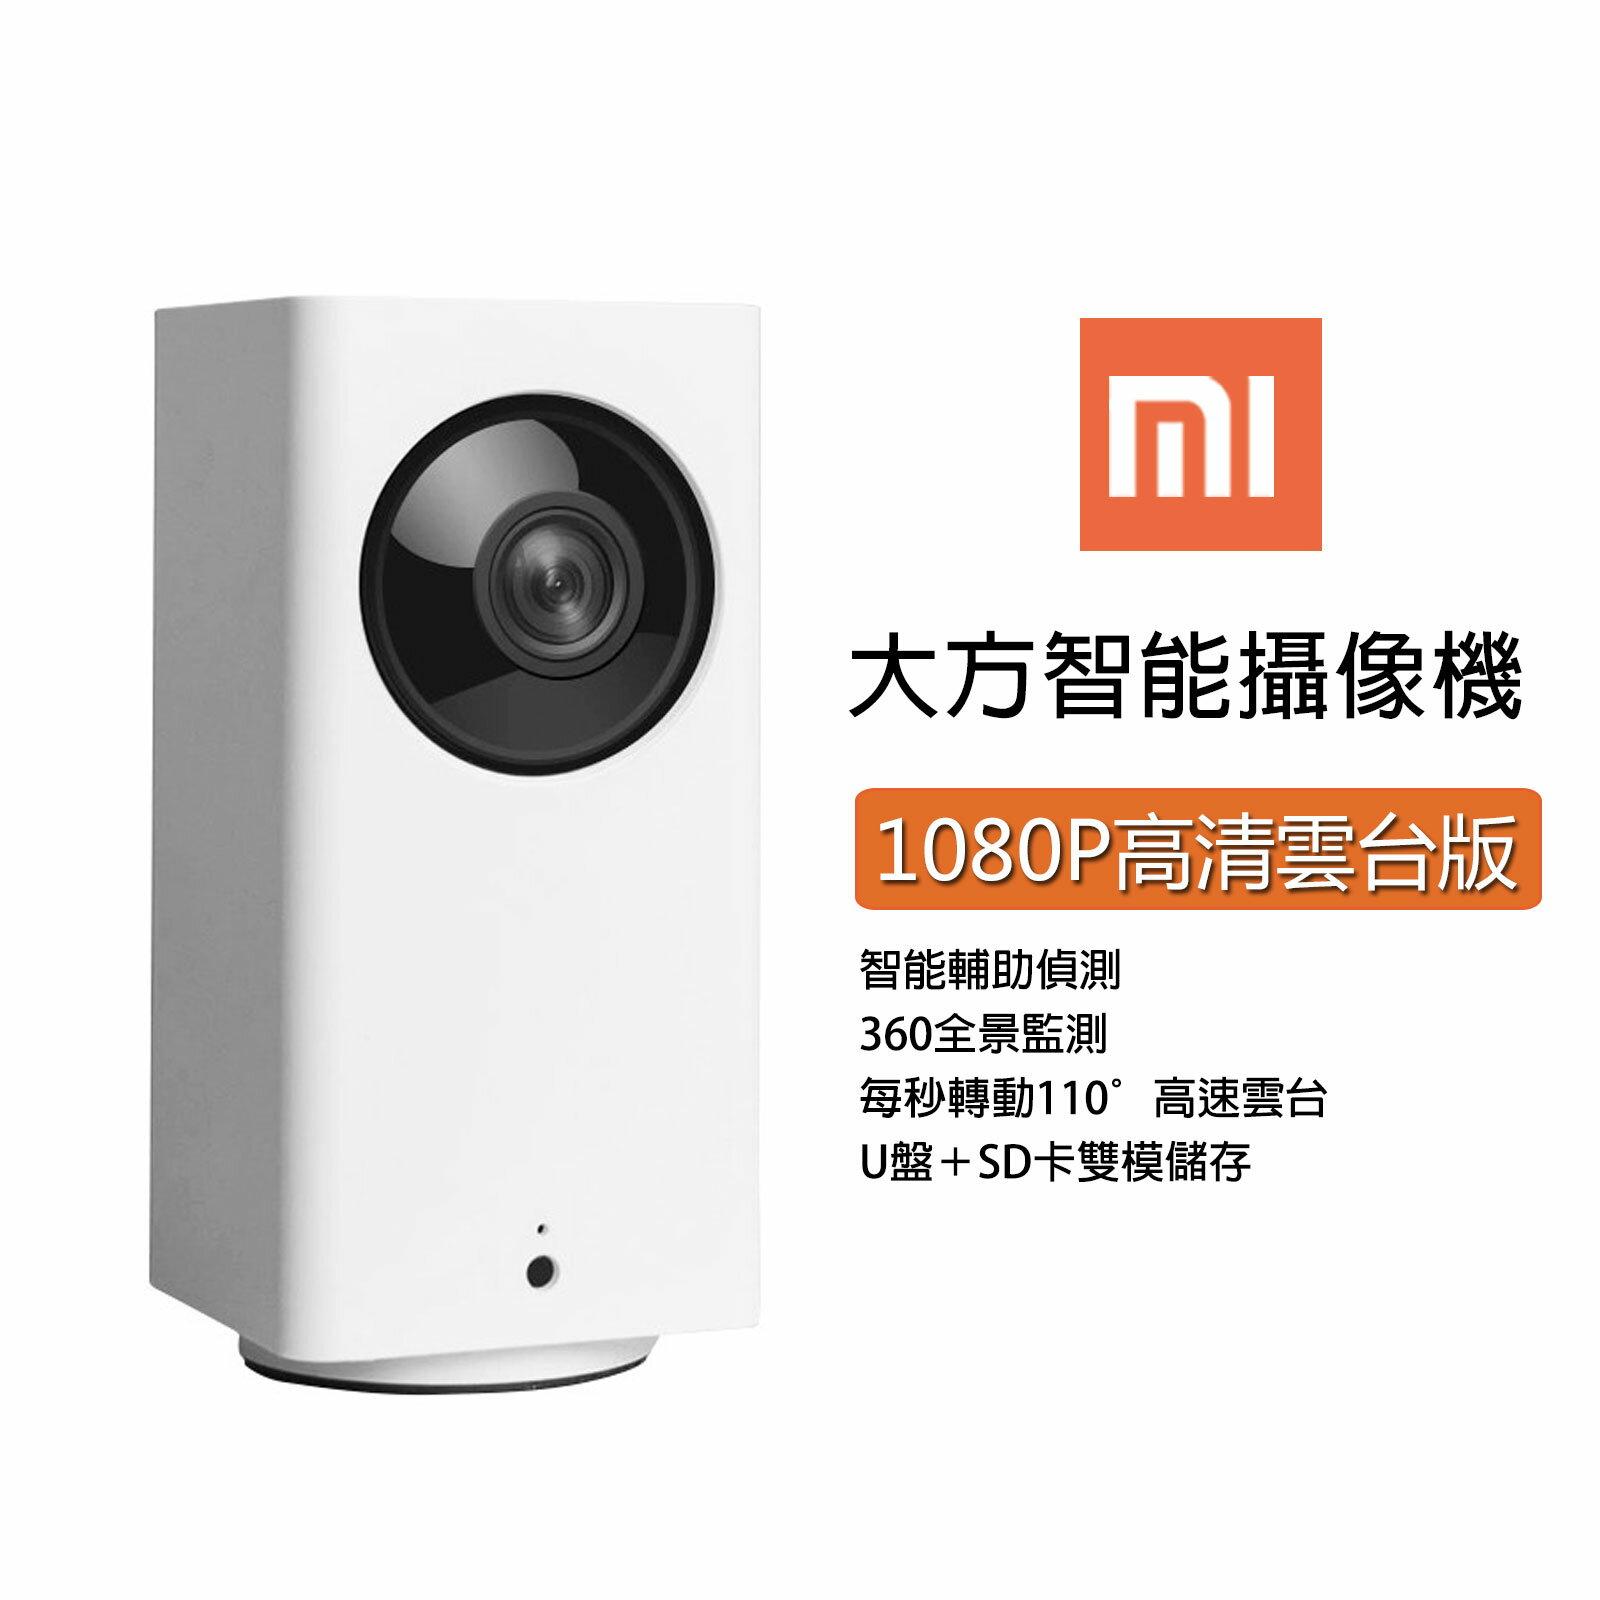 小米米家大方智慧攝影機 1080P 360度旋轉 夜視版 監控【O3445】☆雙兒網☆攝像機 手機監控 非小蟻